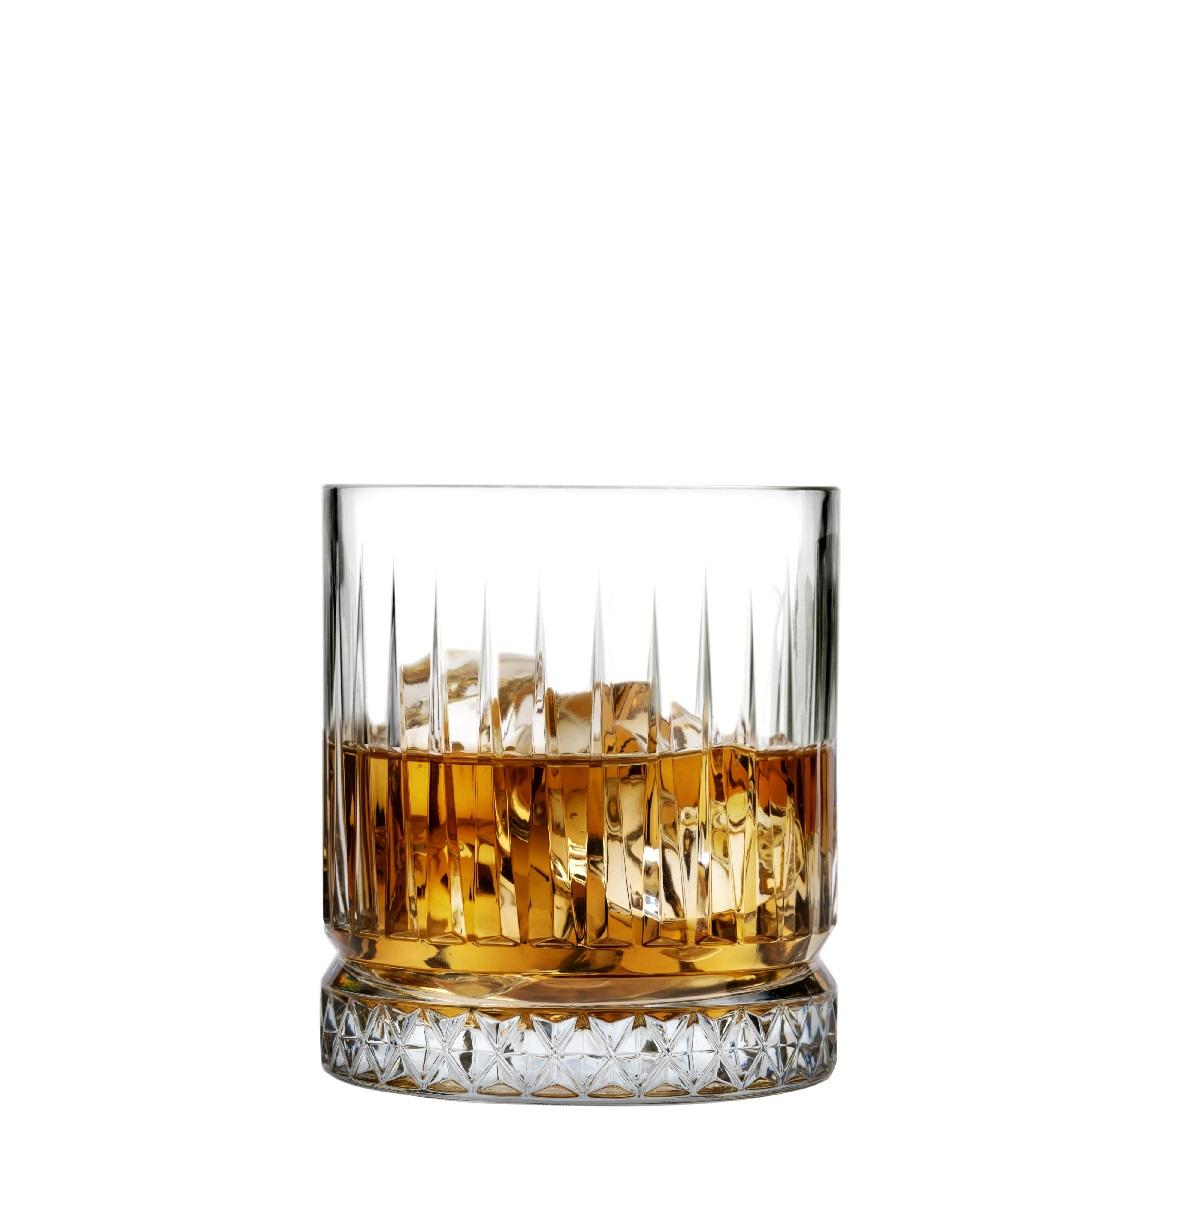 Ποτήρι Ουίσκι Elysia ESPIEL 355ml SP520004K12 – ESPIEL – SP520004K12